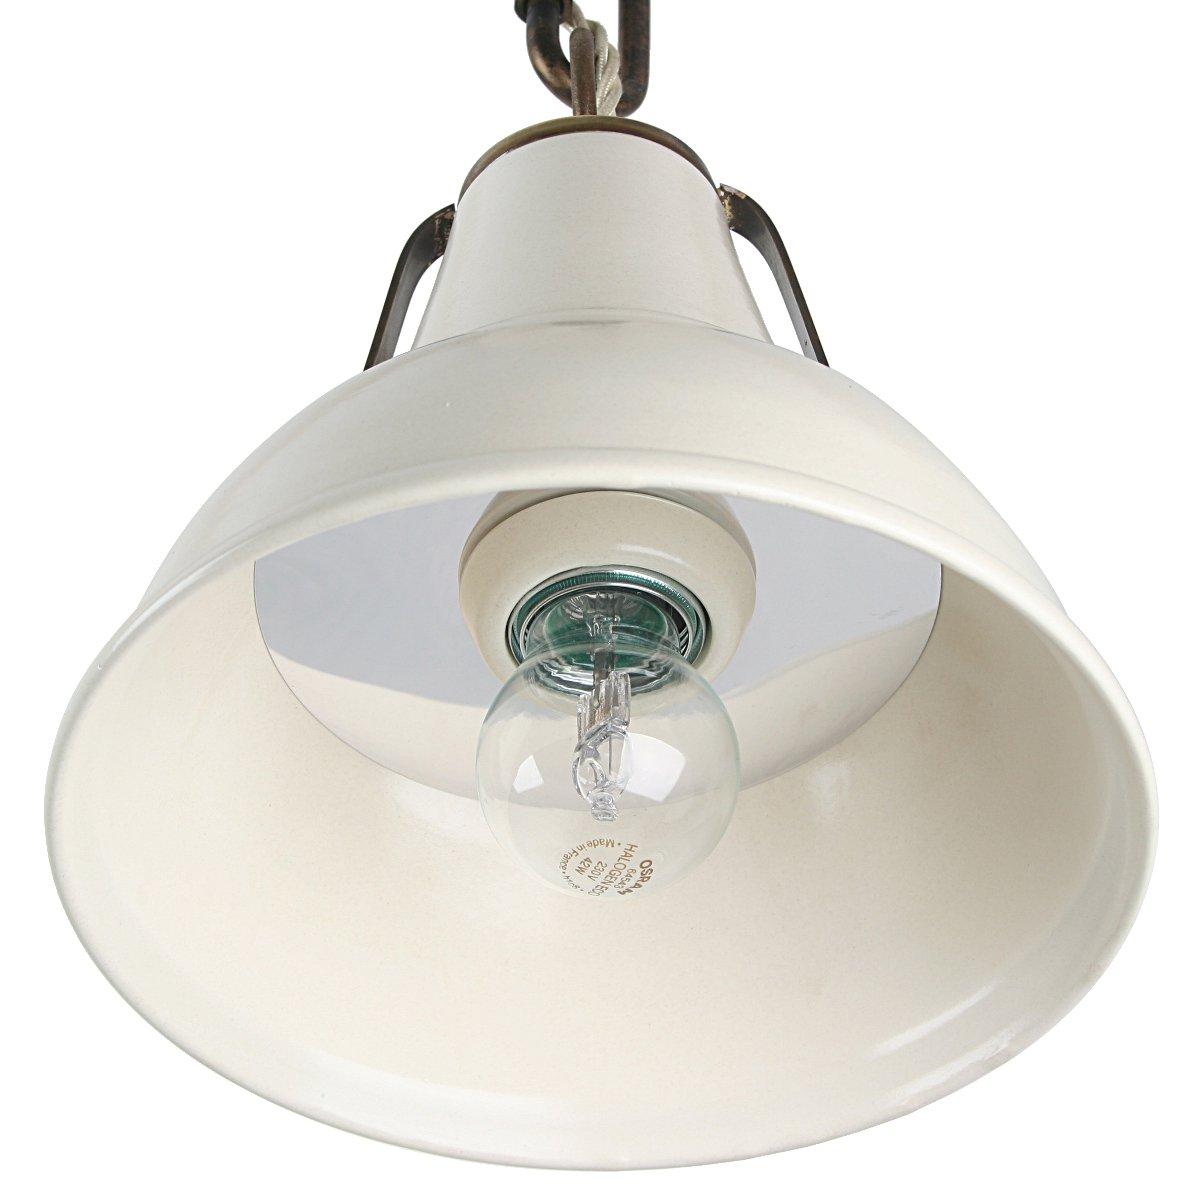 Italienische keramik deckenlampe im industriestil for Ausgefallene deckenleuchten